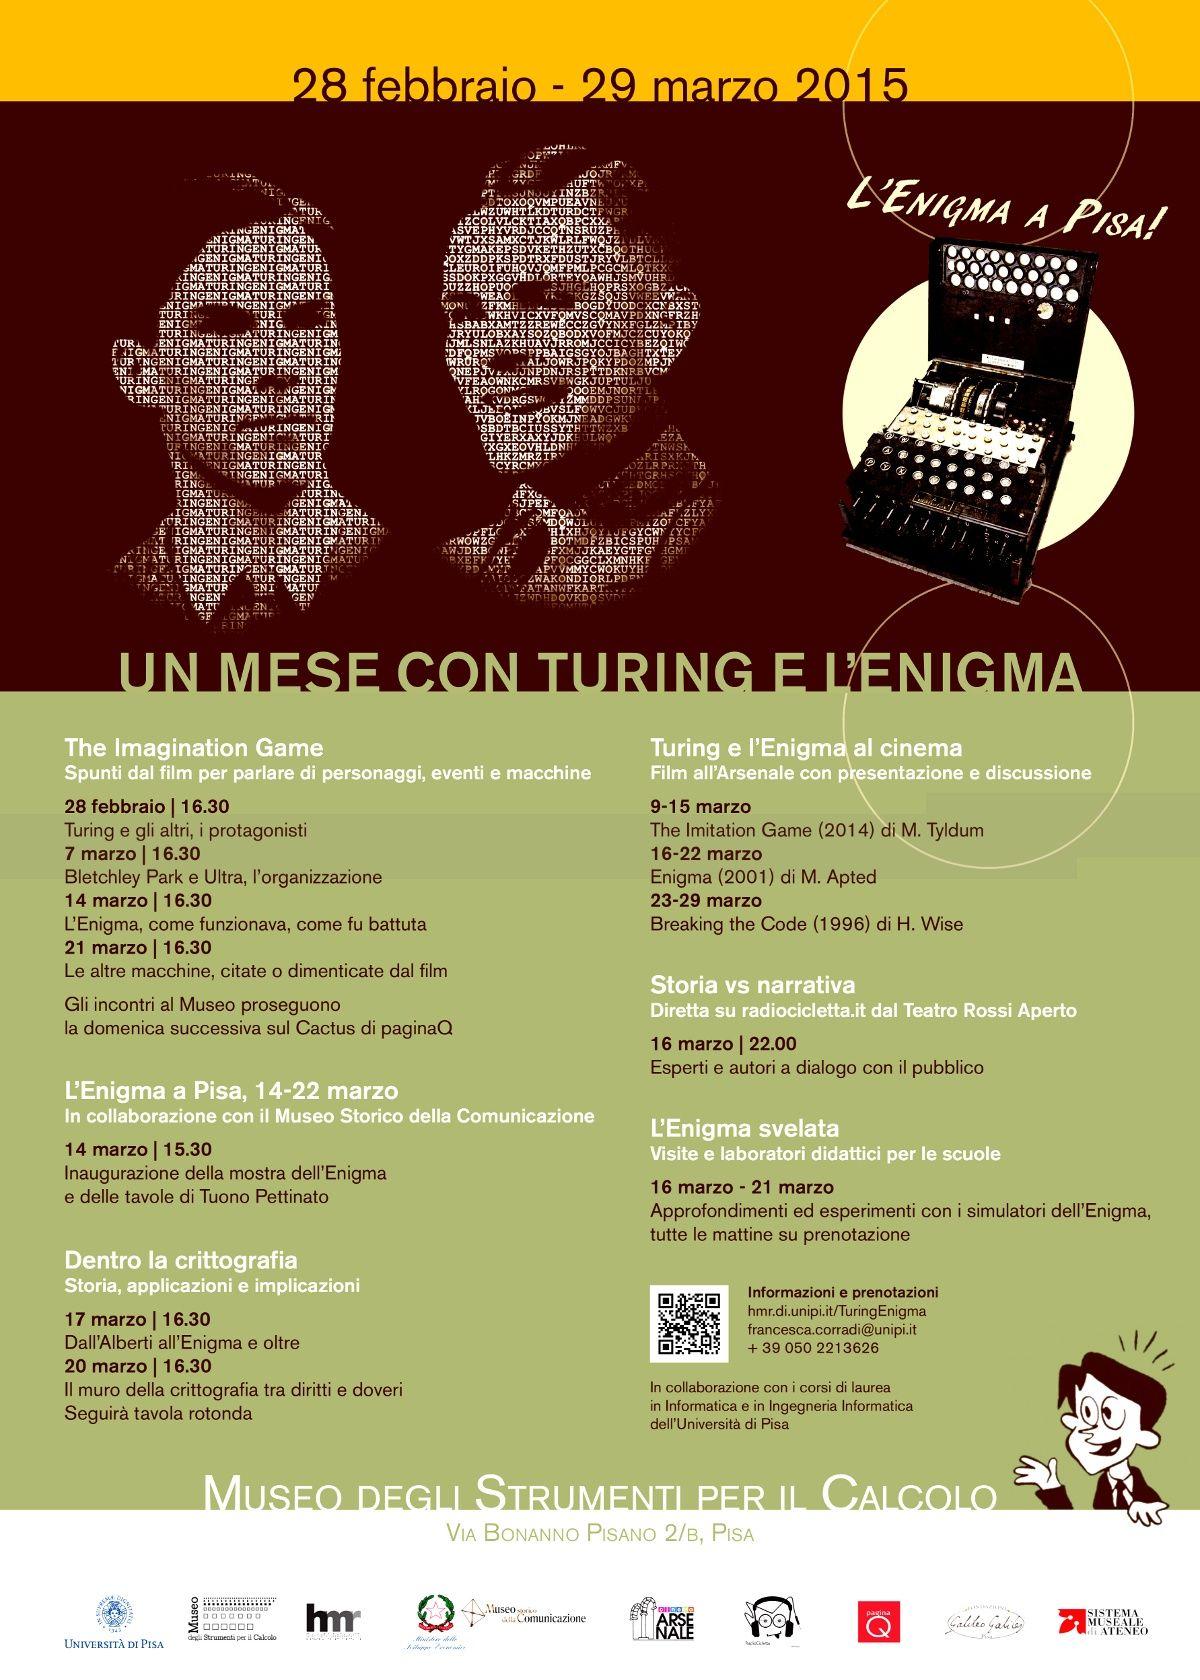 L'Enigma a Pisa @ Museo degli Strumenti per il Calcolo, Via Bonanno Pisano 2/B - Pisa - 14-Marzo https://www.evensi.com/lenigma-a-pisa-museo-degli-strumenti-per-il-calcolo-via/146735953